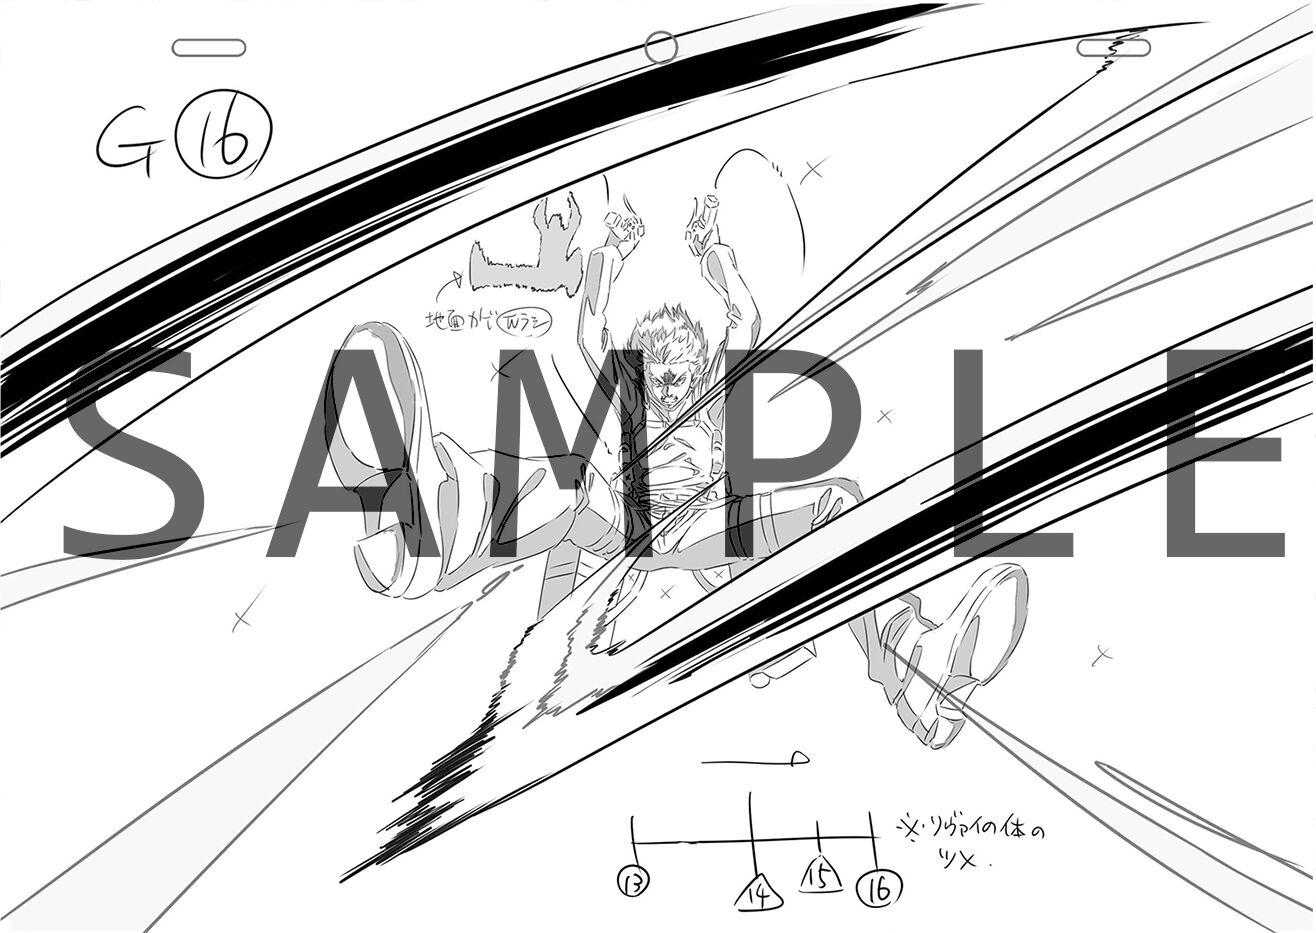 進撃の巨人 立体機動線画集 -今井有文-1